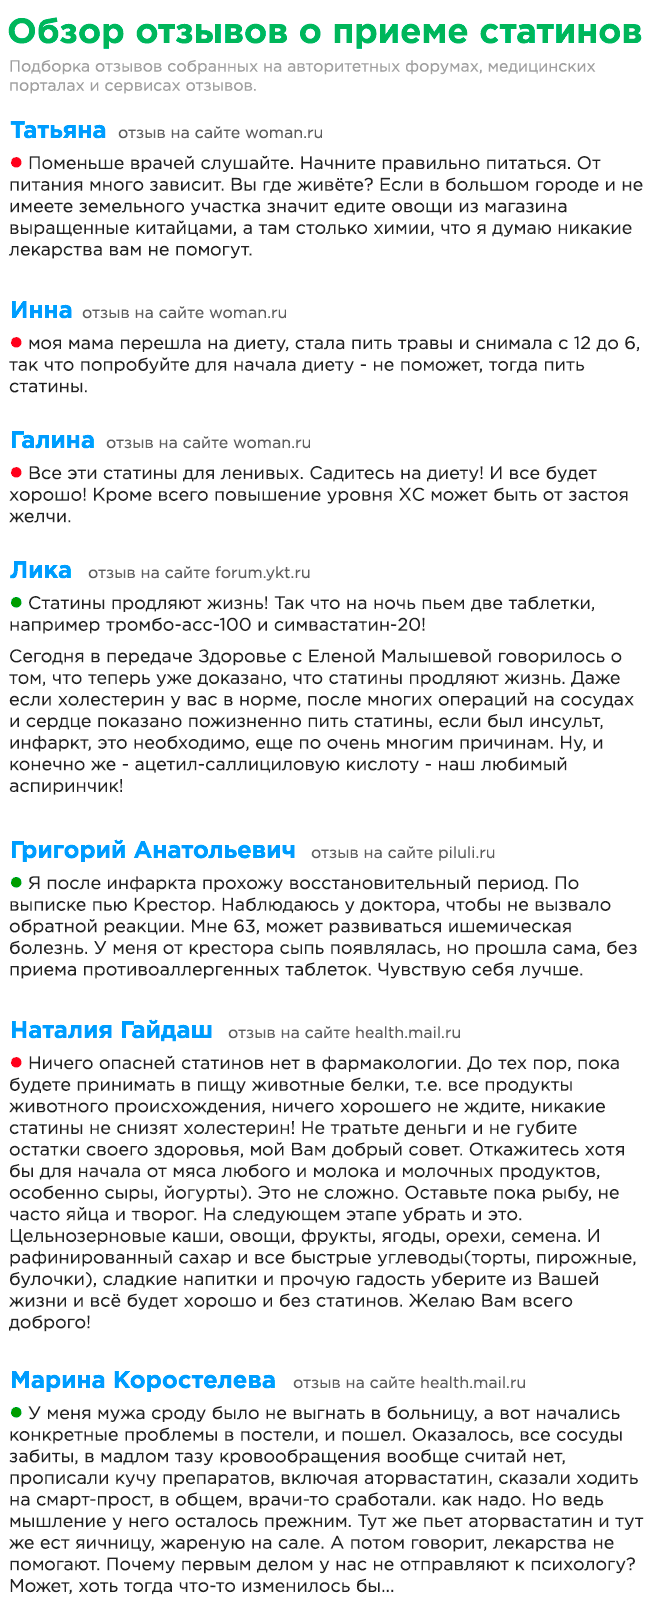 Отзывы о приеме статинов